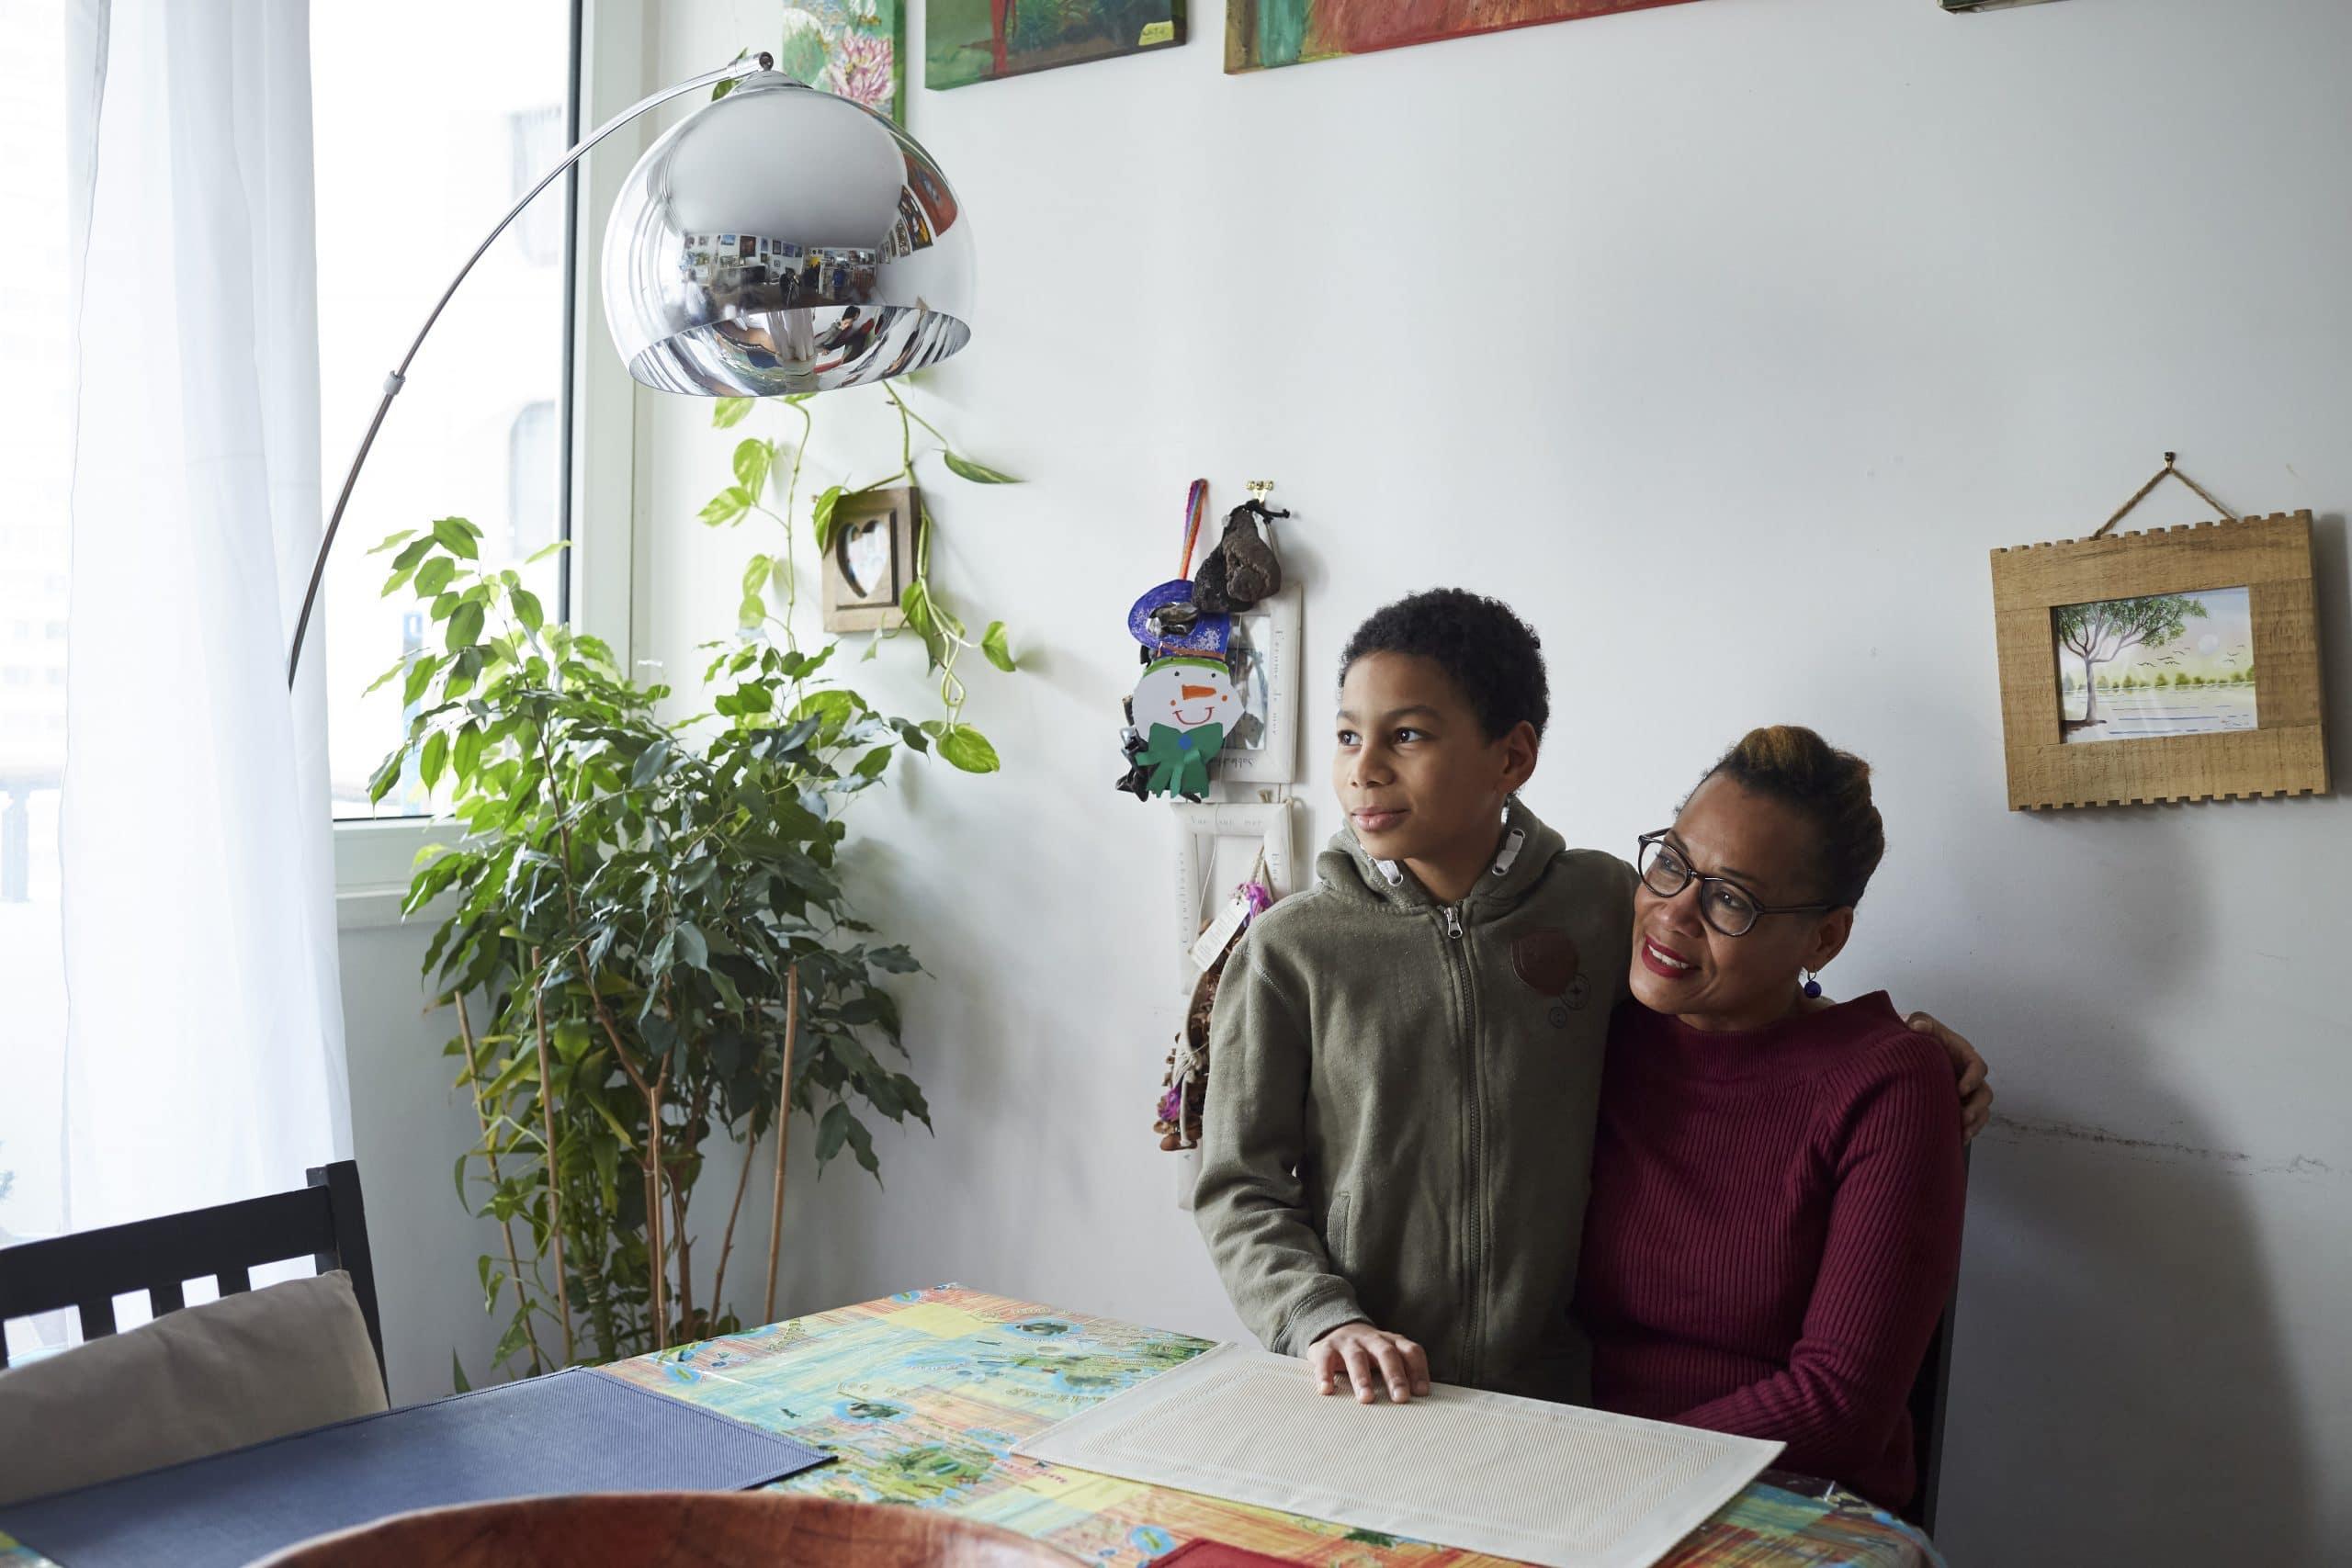 Un petit garçon dans les bras de sa mère dans un appartement